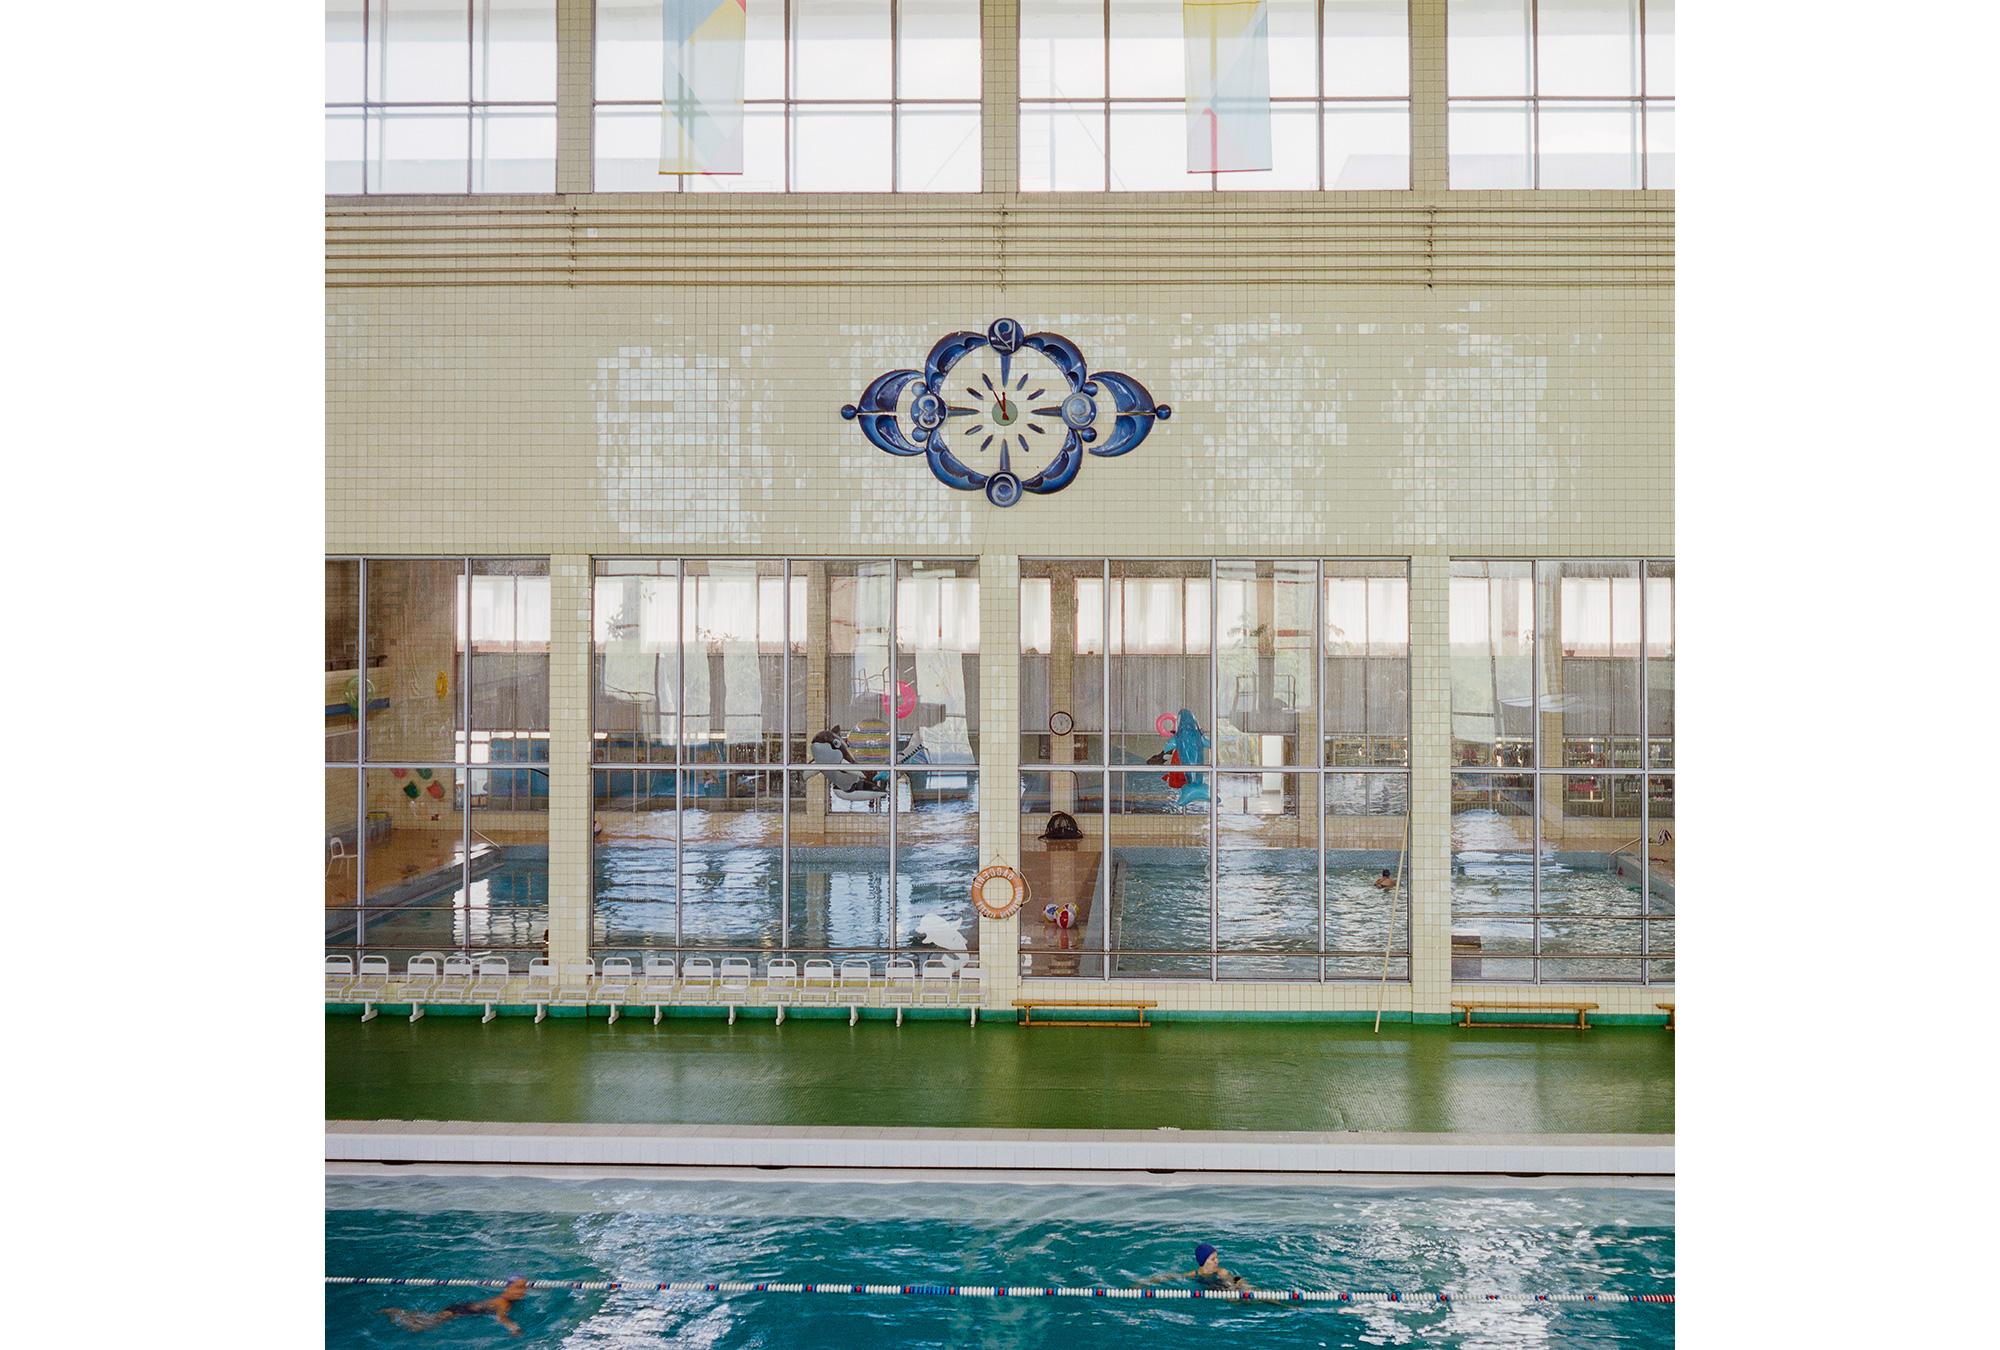 In der 1979 errichteten Sportanlage im Olympischen Dorf konnten die Sportler trainieren. Hier trainierten Schwimmer, Leichtathleten, Basketballer, Boxer und Gewichtheber. Auch heute noch findet hier Kampfsport- und Leichtathletiktraining für Kinder und Erwachsene statt; die Schwimmanlage ist in Betrieb.